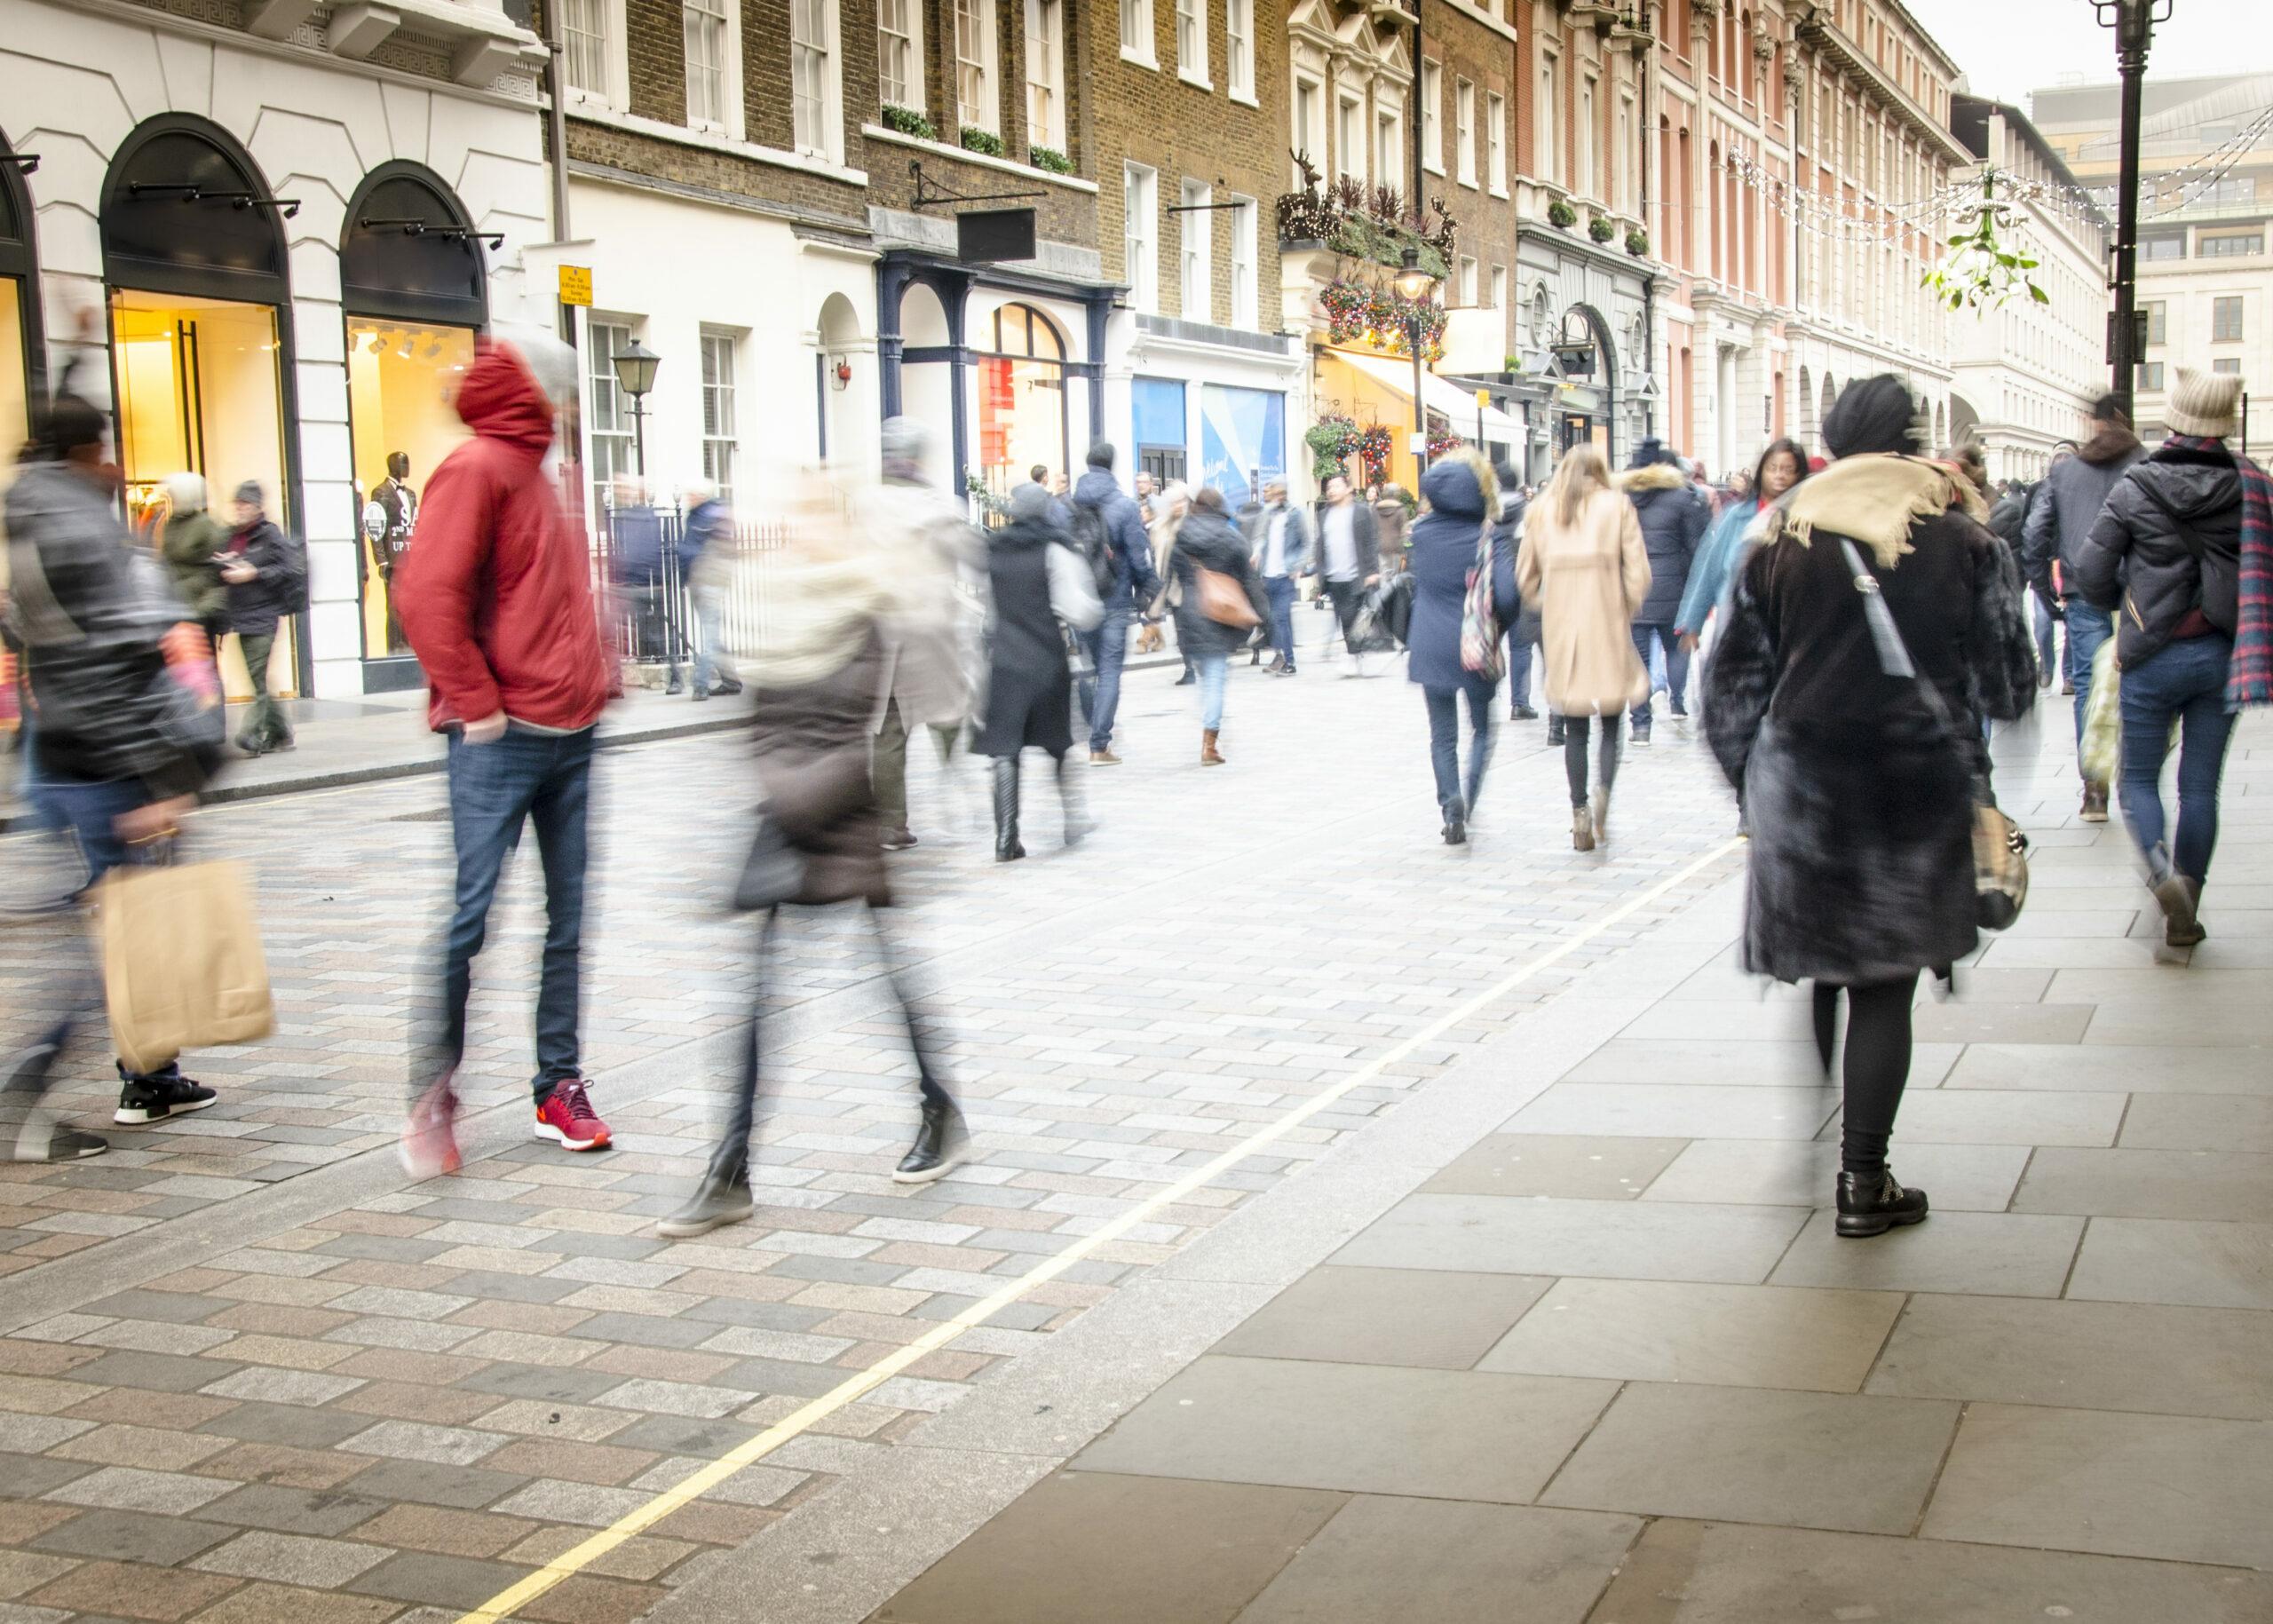 Tutkimus: Yhdeksän kymmenestä suhtautuu positiivisesti kameravalvontaan julkisilla paikoilla